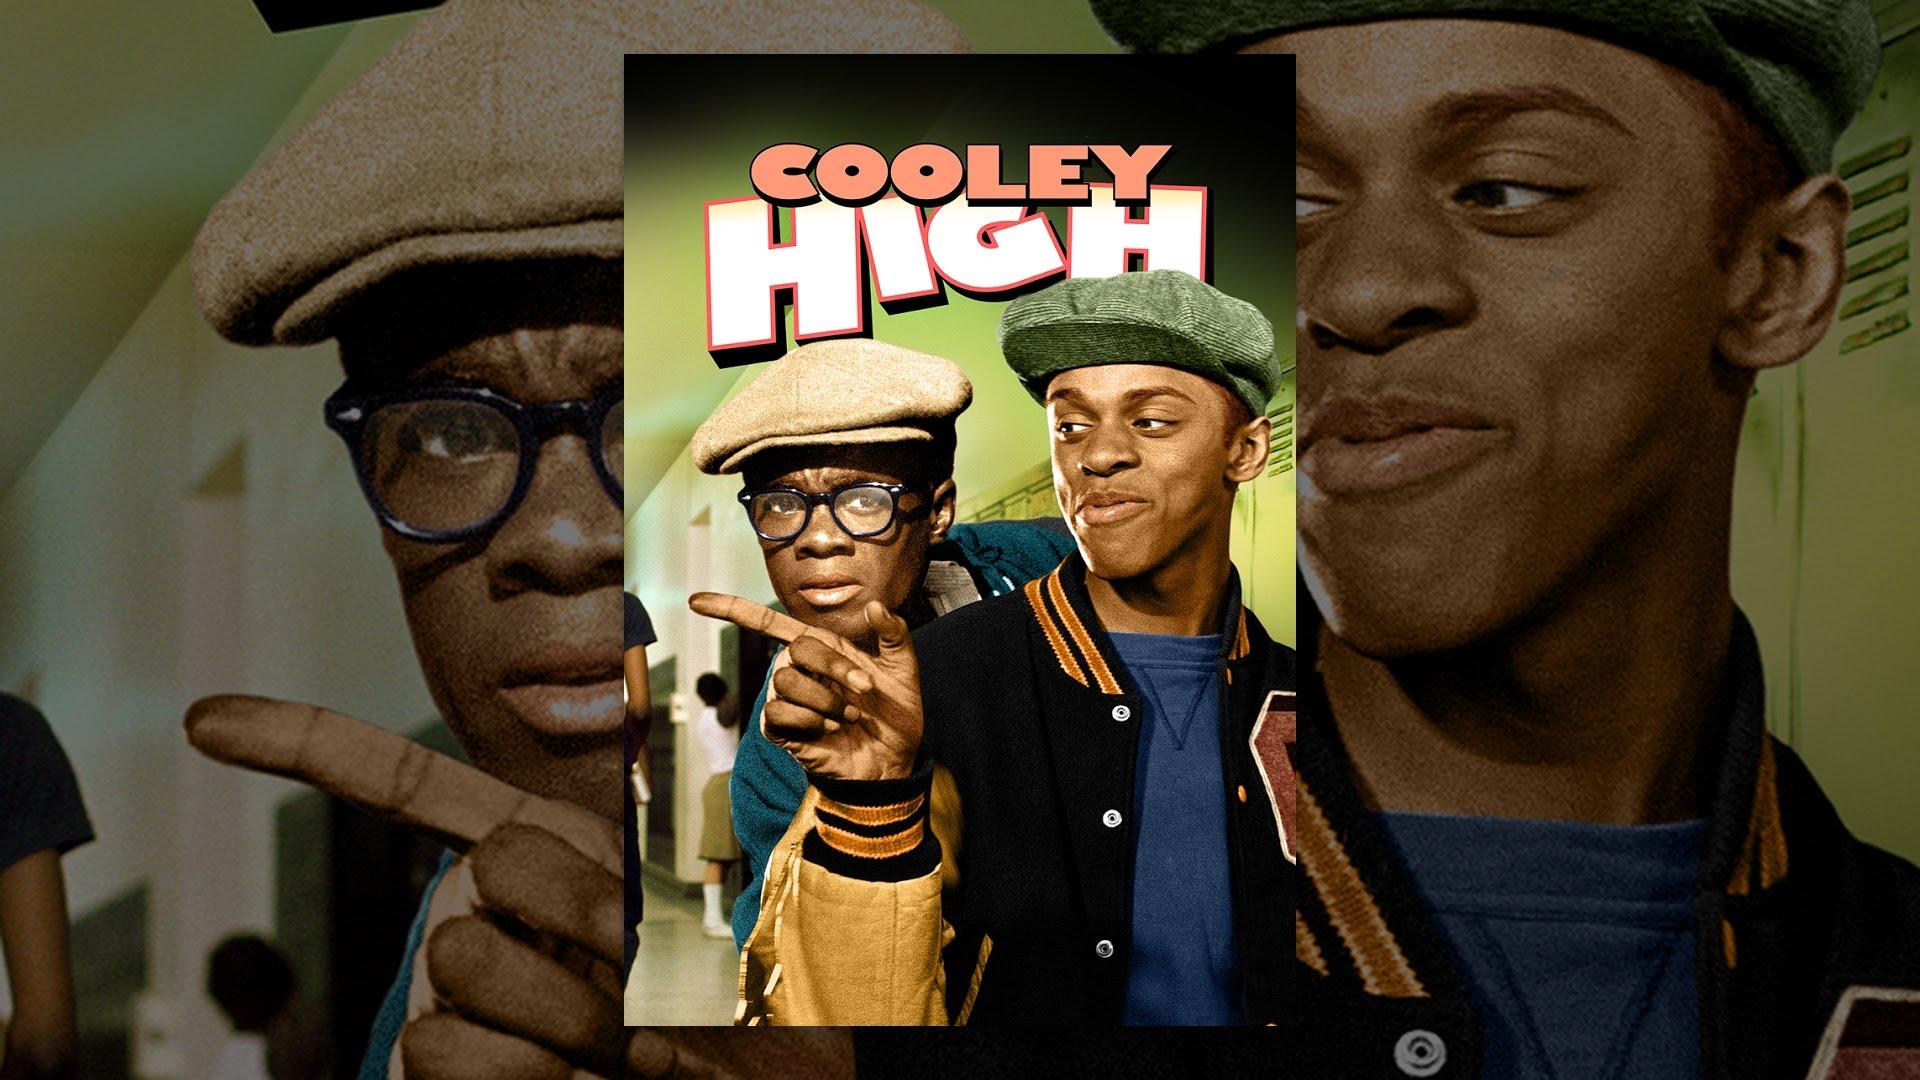 cooley high vintage film